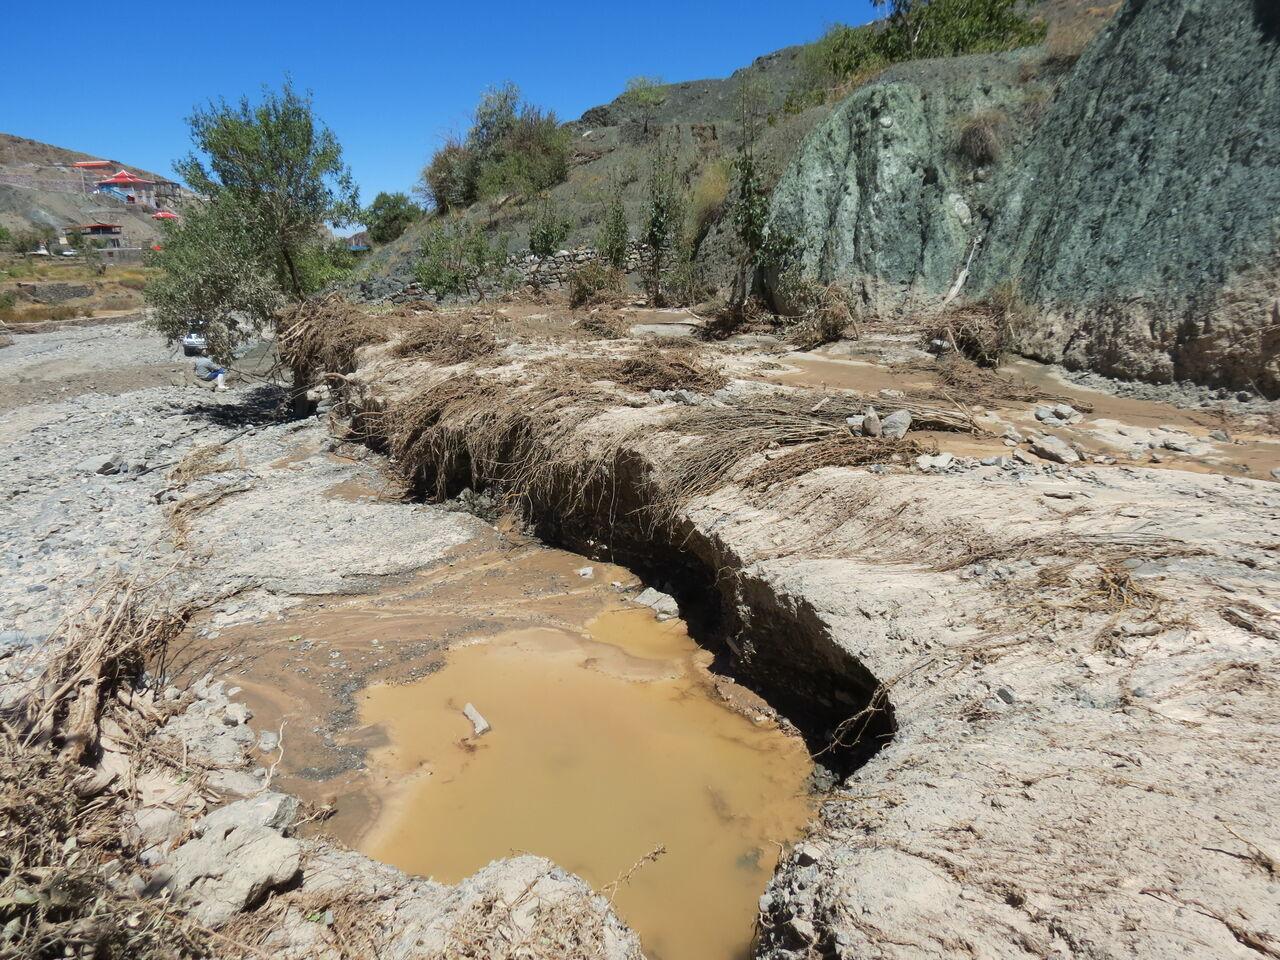 فعال شدن مسیلها و رودخانههای فصلی در حوضه مارون